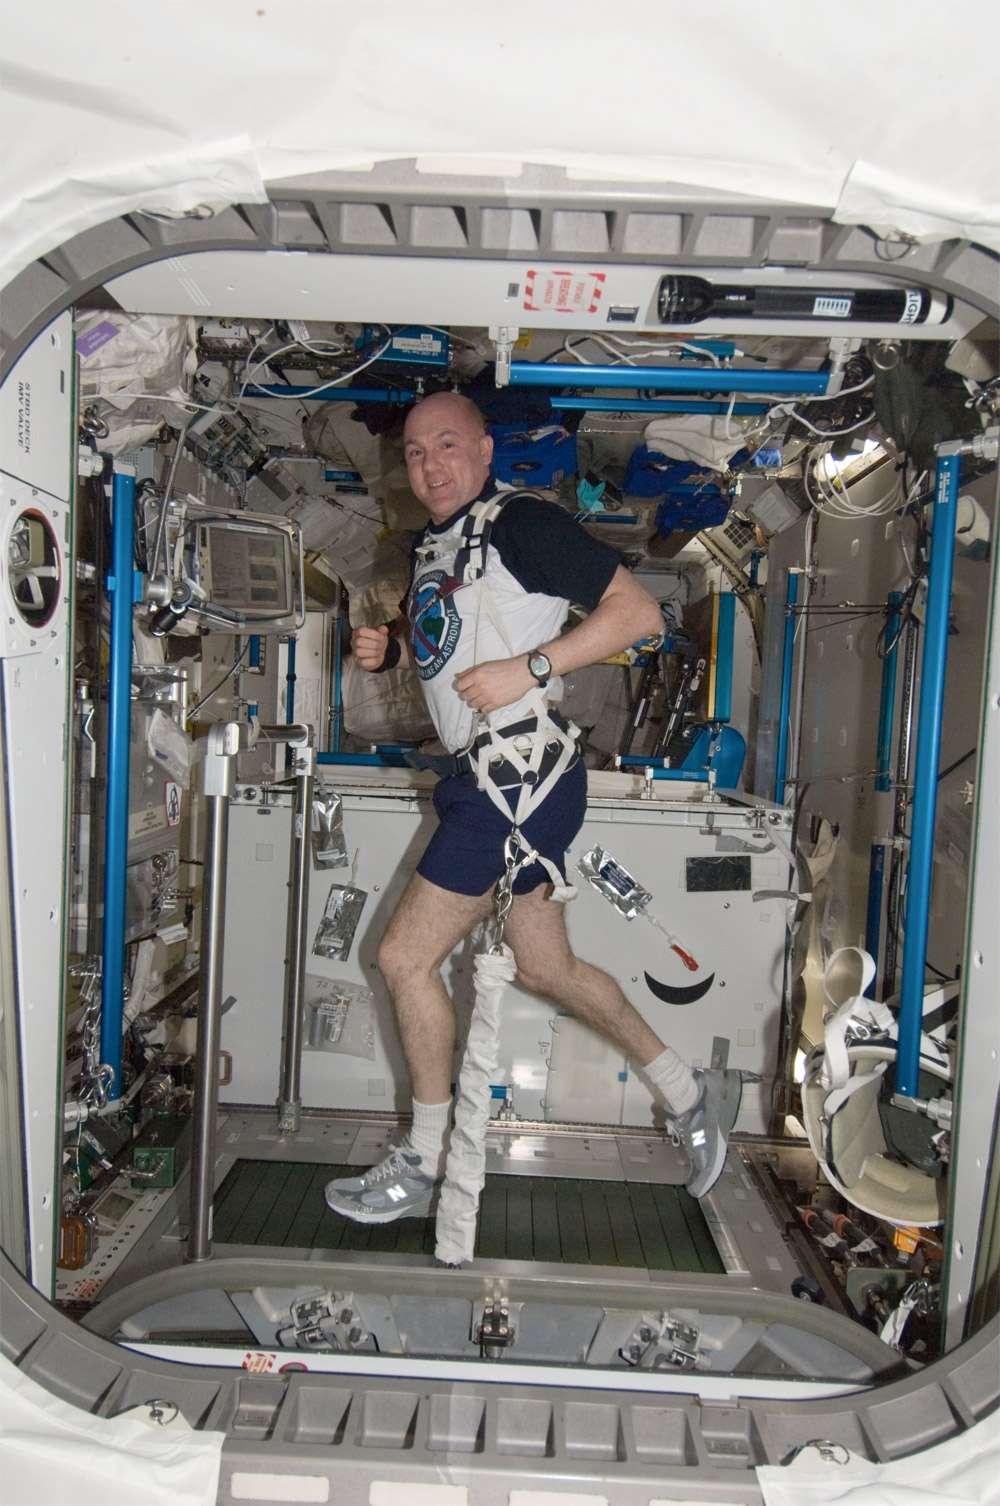 Comme chaque astronaute séjournant à bord de l'ISS, André Kuipers s'est astreint à des exercices quasi quotidiens pour combattre les effets de l'apesanteur sur le squelette et sur la masse musculaire. © Nasa